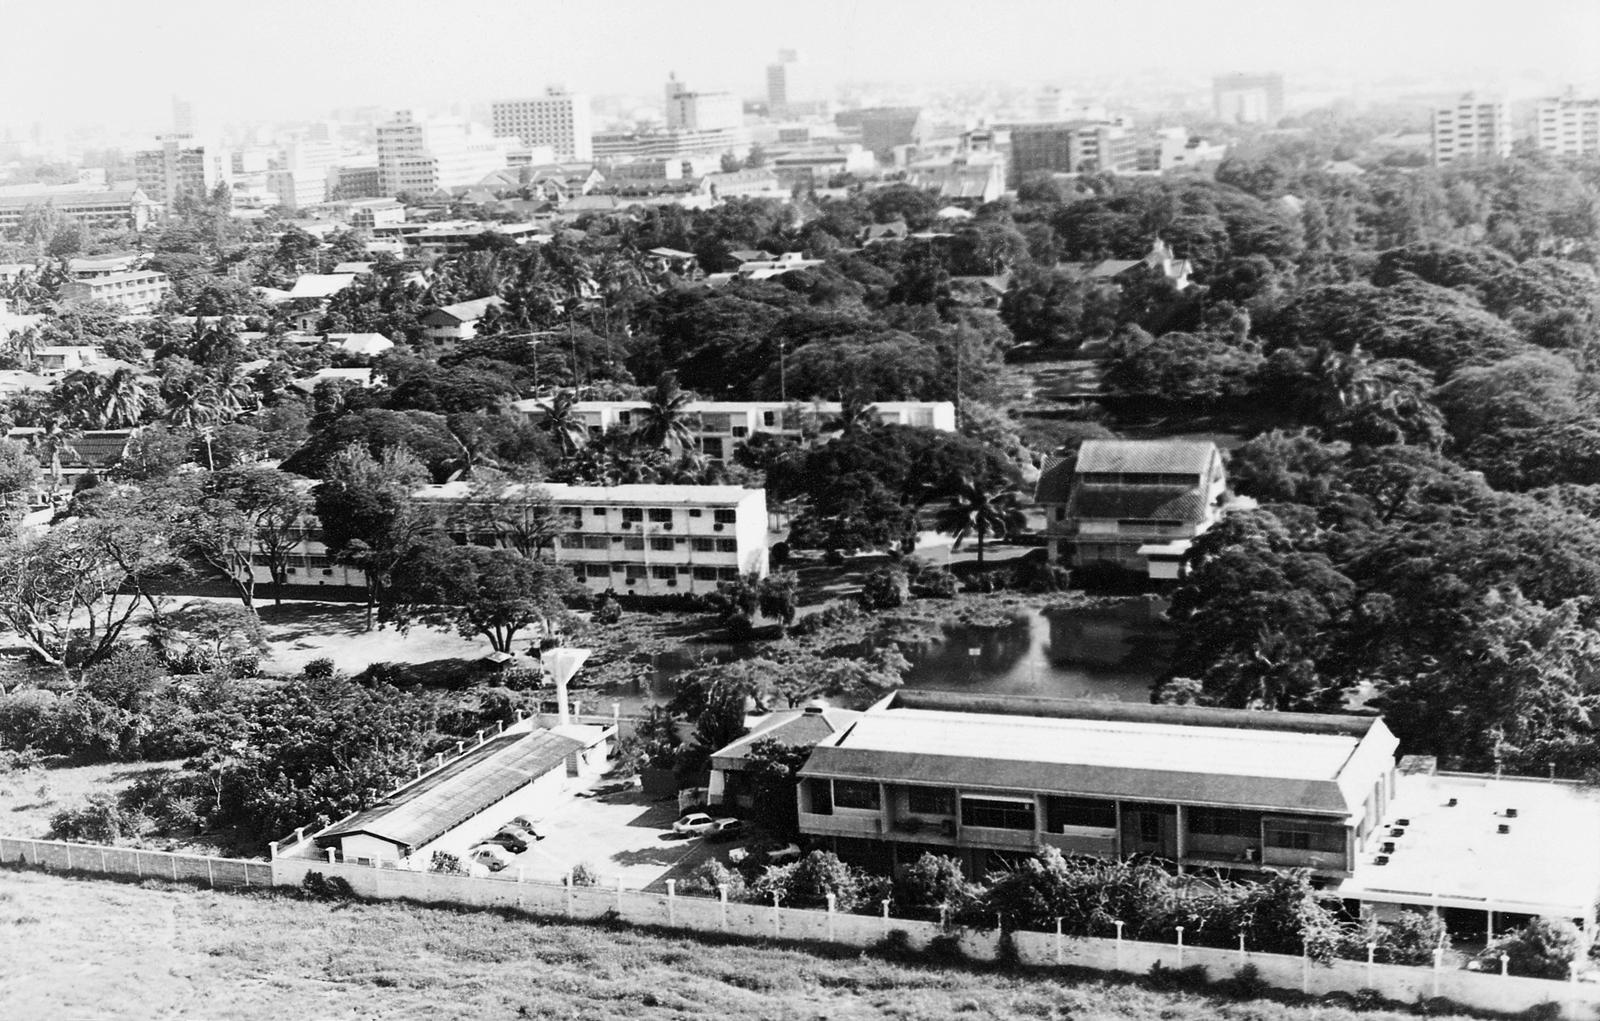 Bangkok - Compound Site